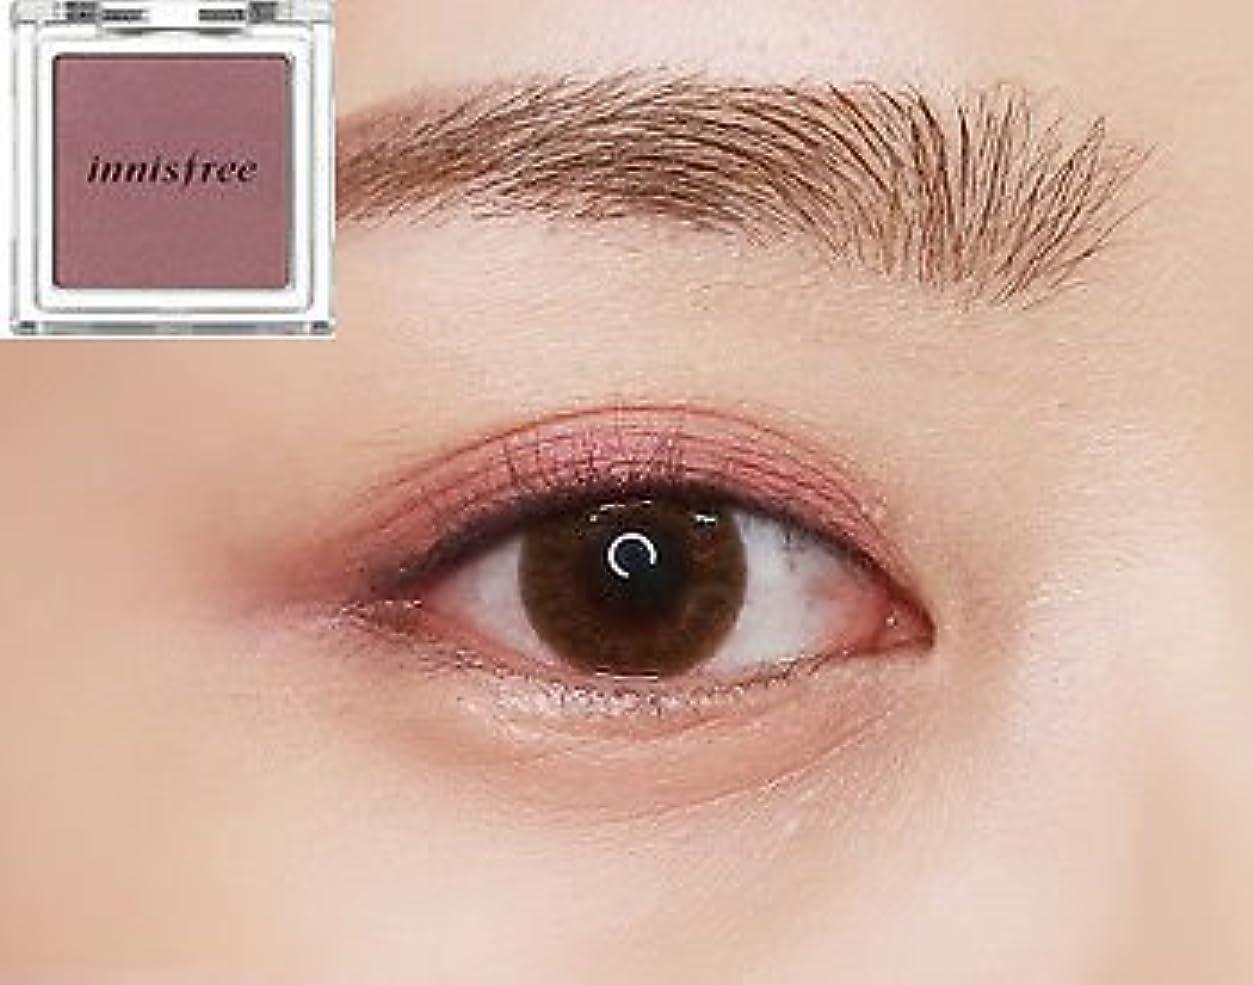 ログかるプランター[イニスフリー] innisfree [マイ パレット マイ アイシャドウ (シマ一) 39カラー] MY PALETTE My Eyeshadow (Shimmer) 39 Shades [海外直送品] (シマ一 #19)